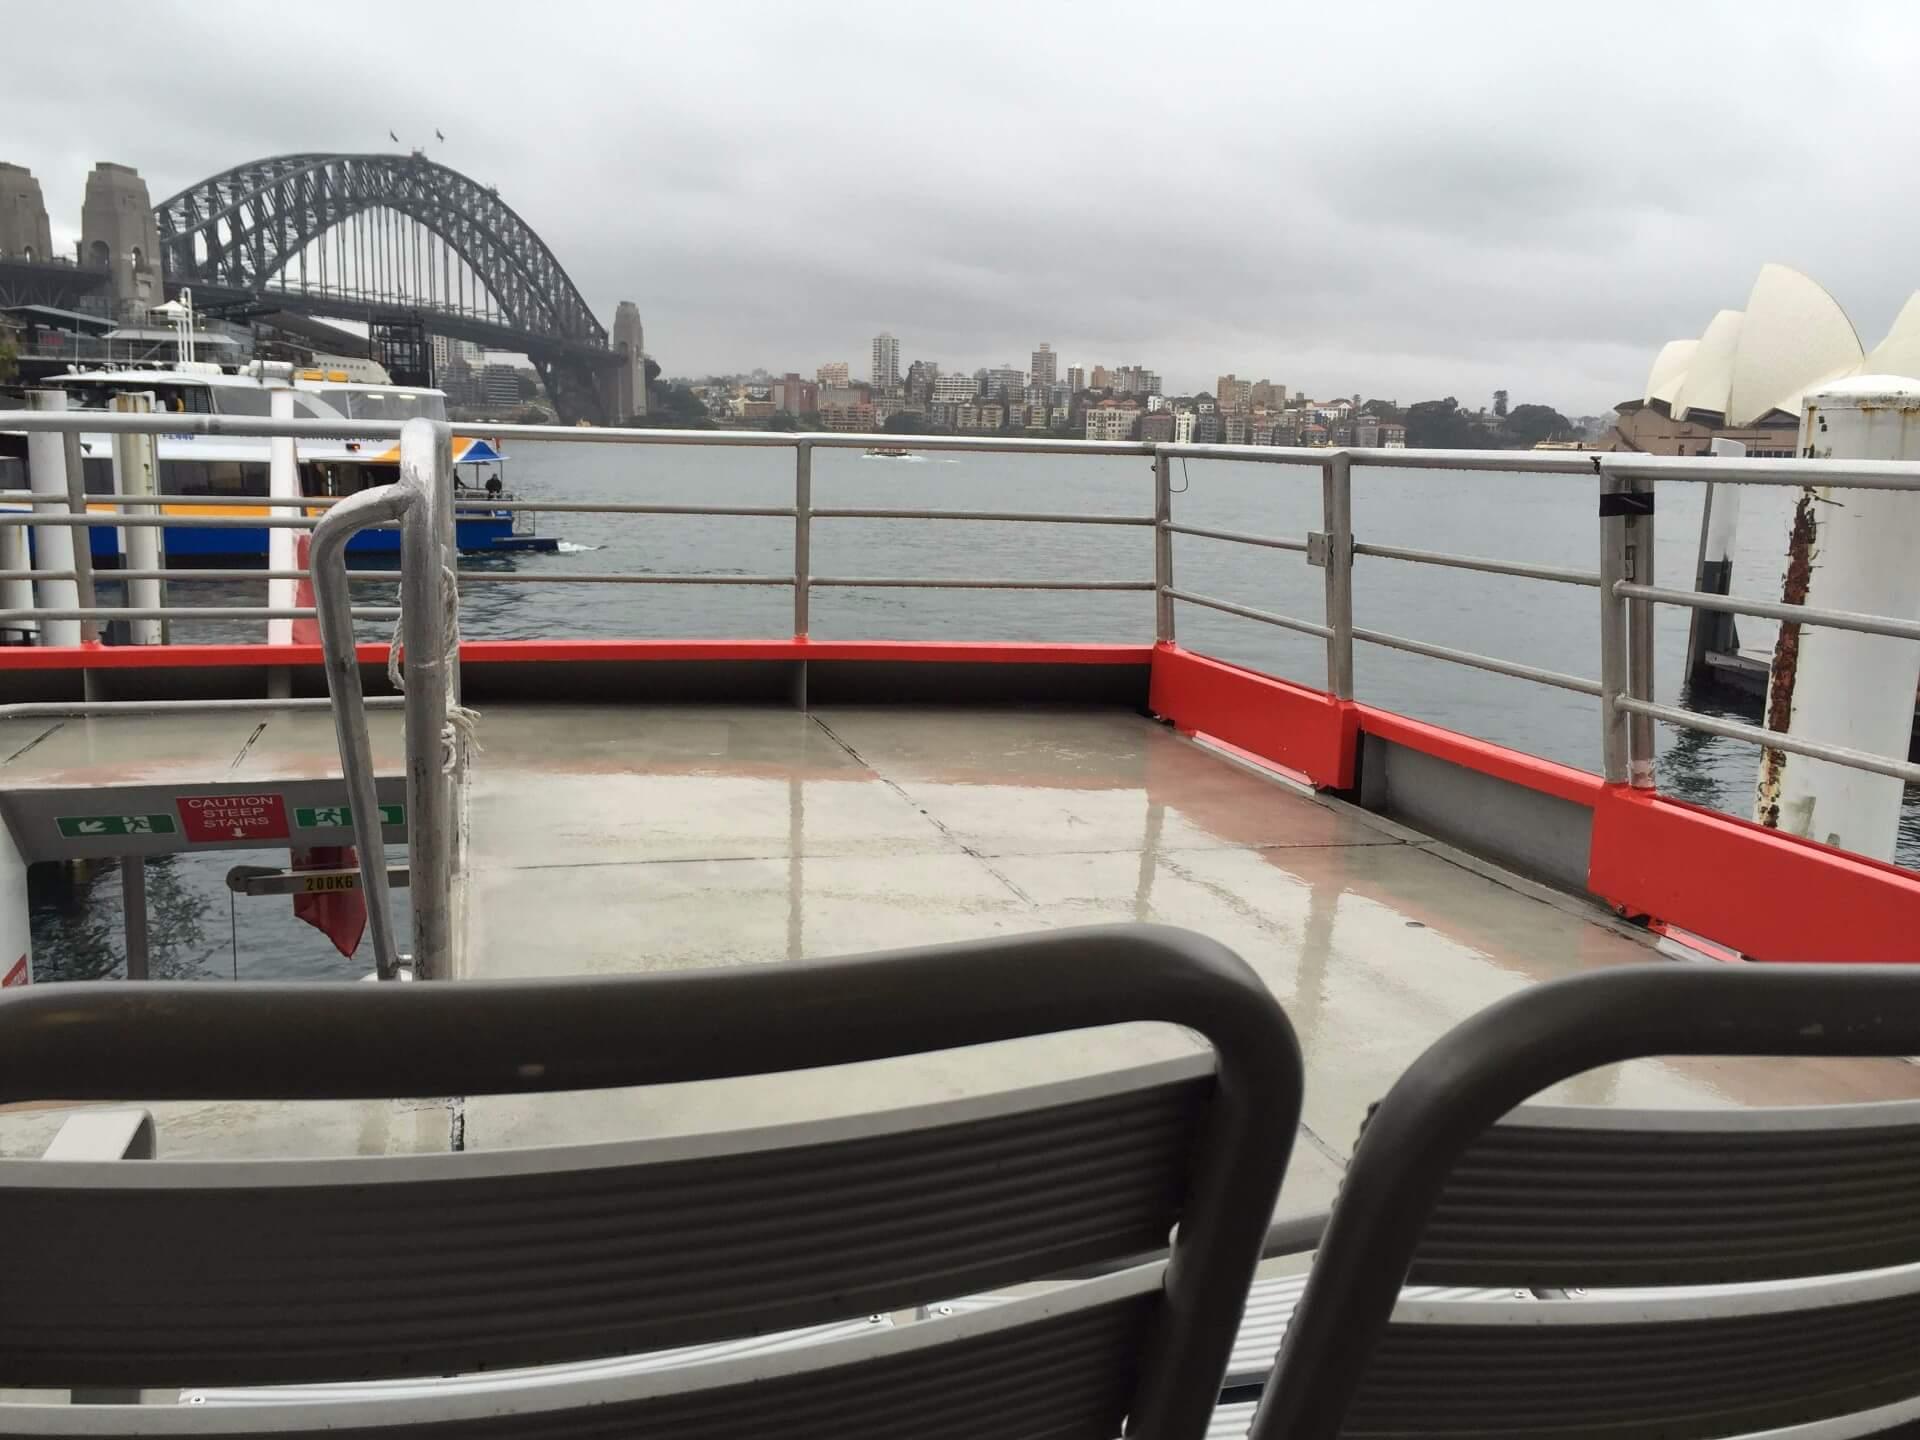 クジラクルーズに乗船して出港